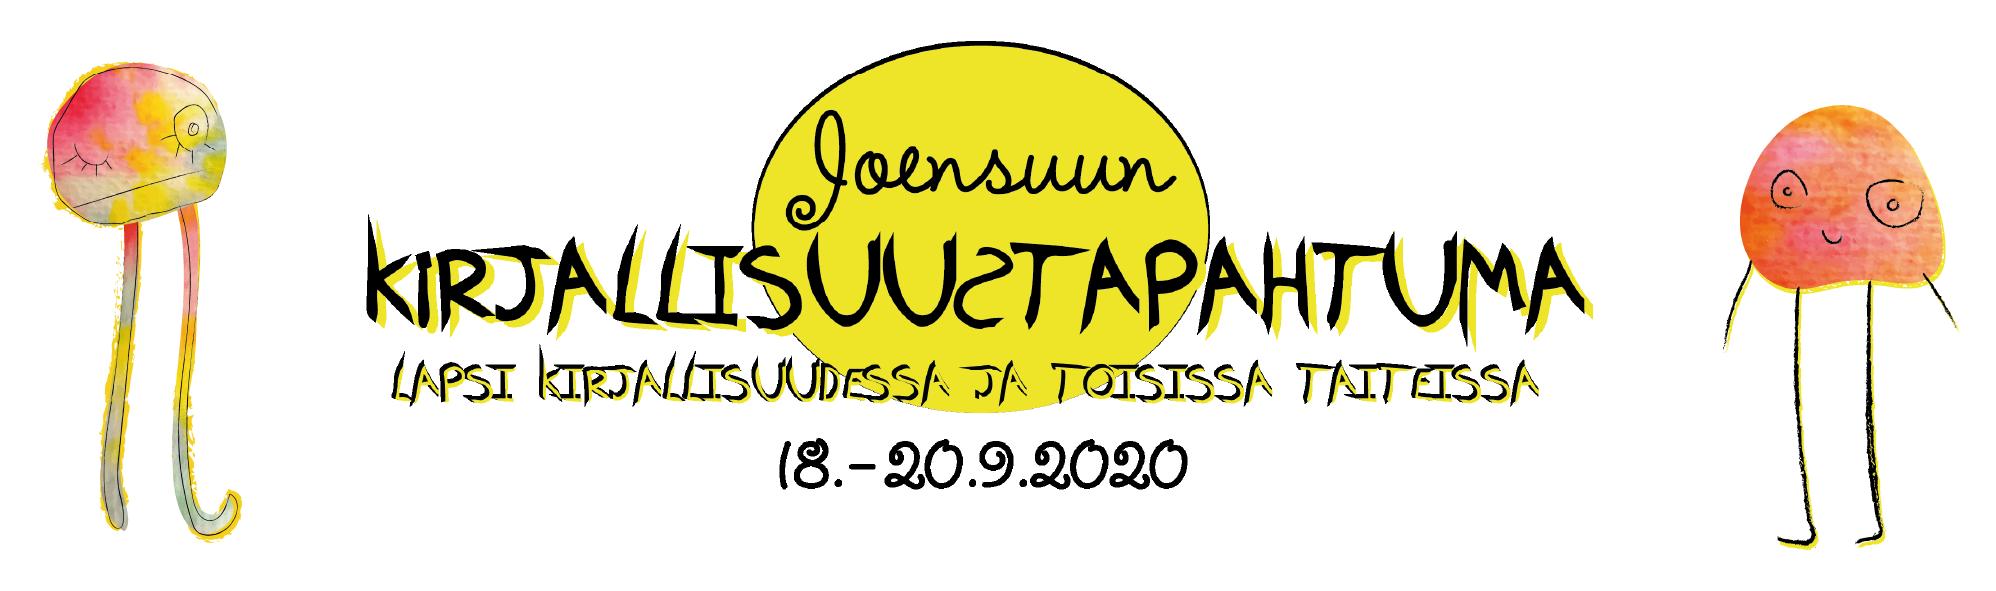 Joensuun kirjallisuustapahtuma - Lapsi kirjallisuudessa ja toisissa taiteissa 18.-20.9.2020